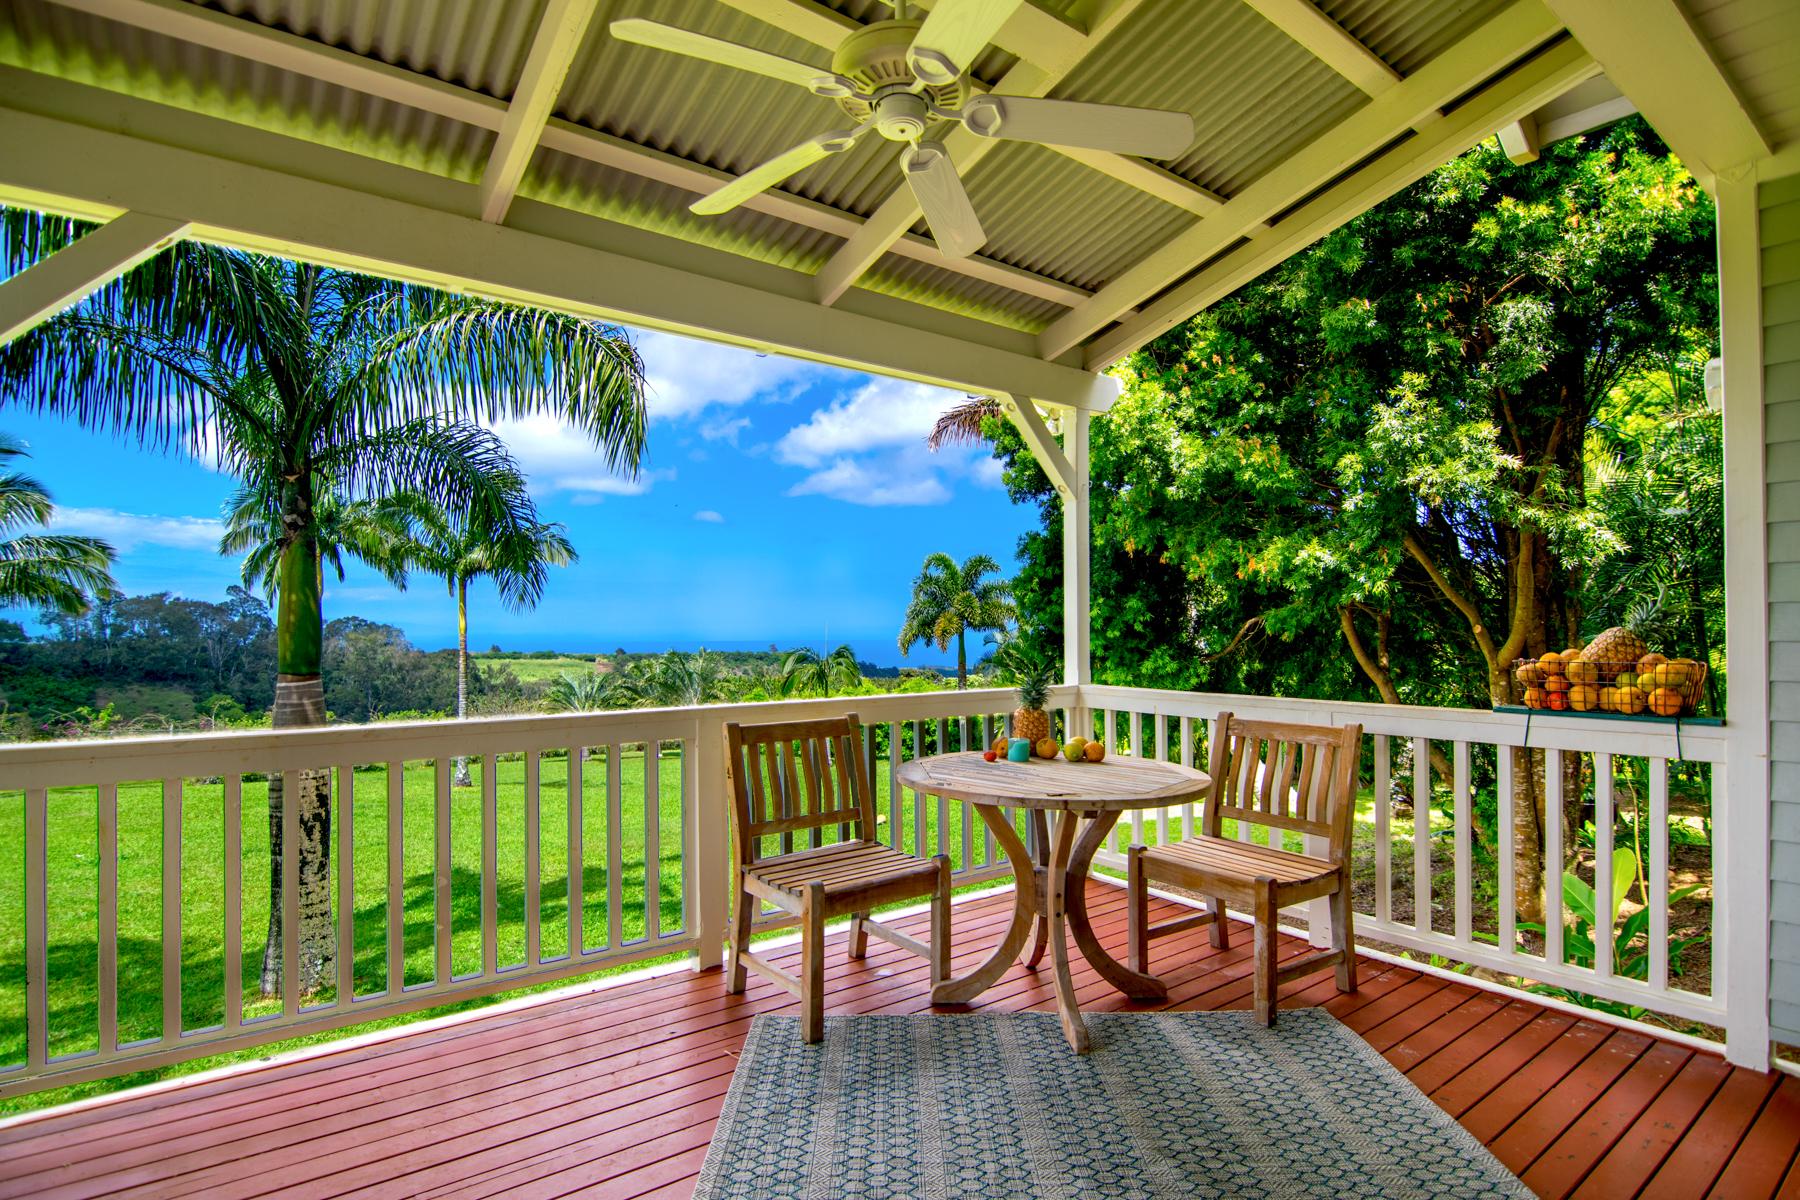 Casa Unifamiliar por un Venta en Architect's Ocean-View, Private Dream Home 100 Laenani Street Haiku, Hawaii, 96708 Estados Unidos